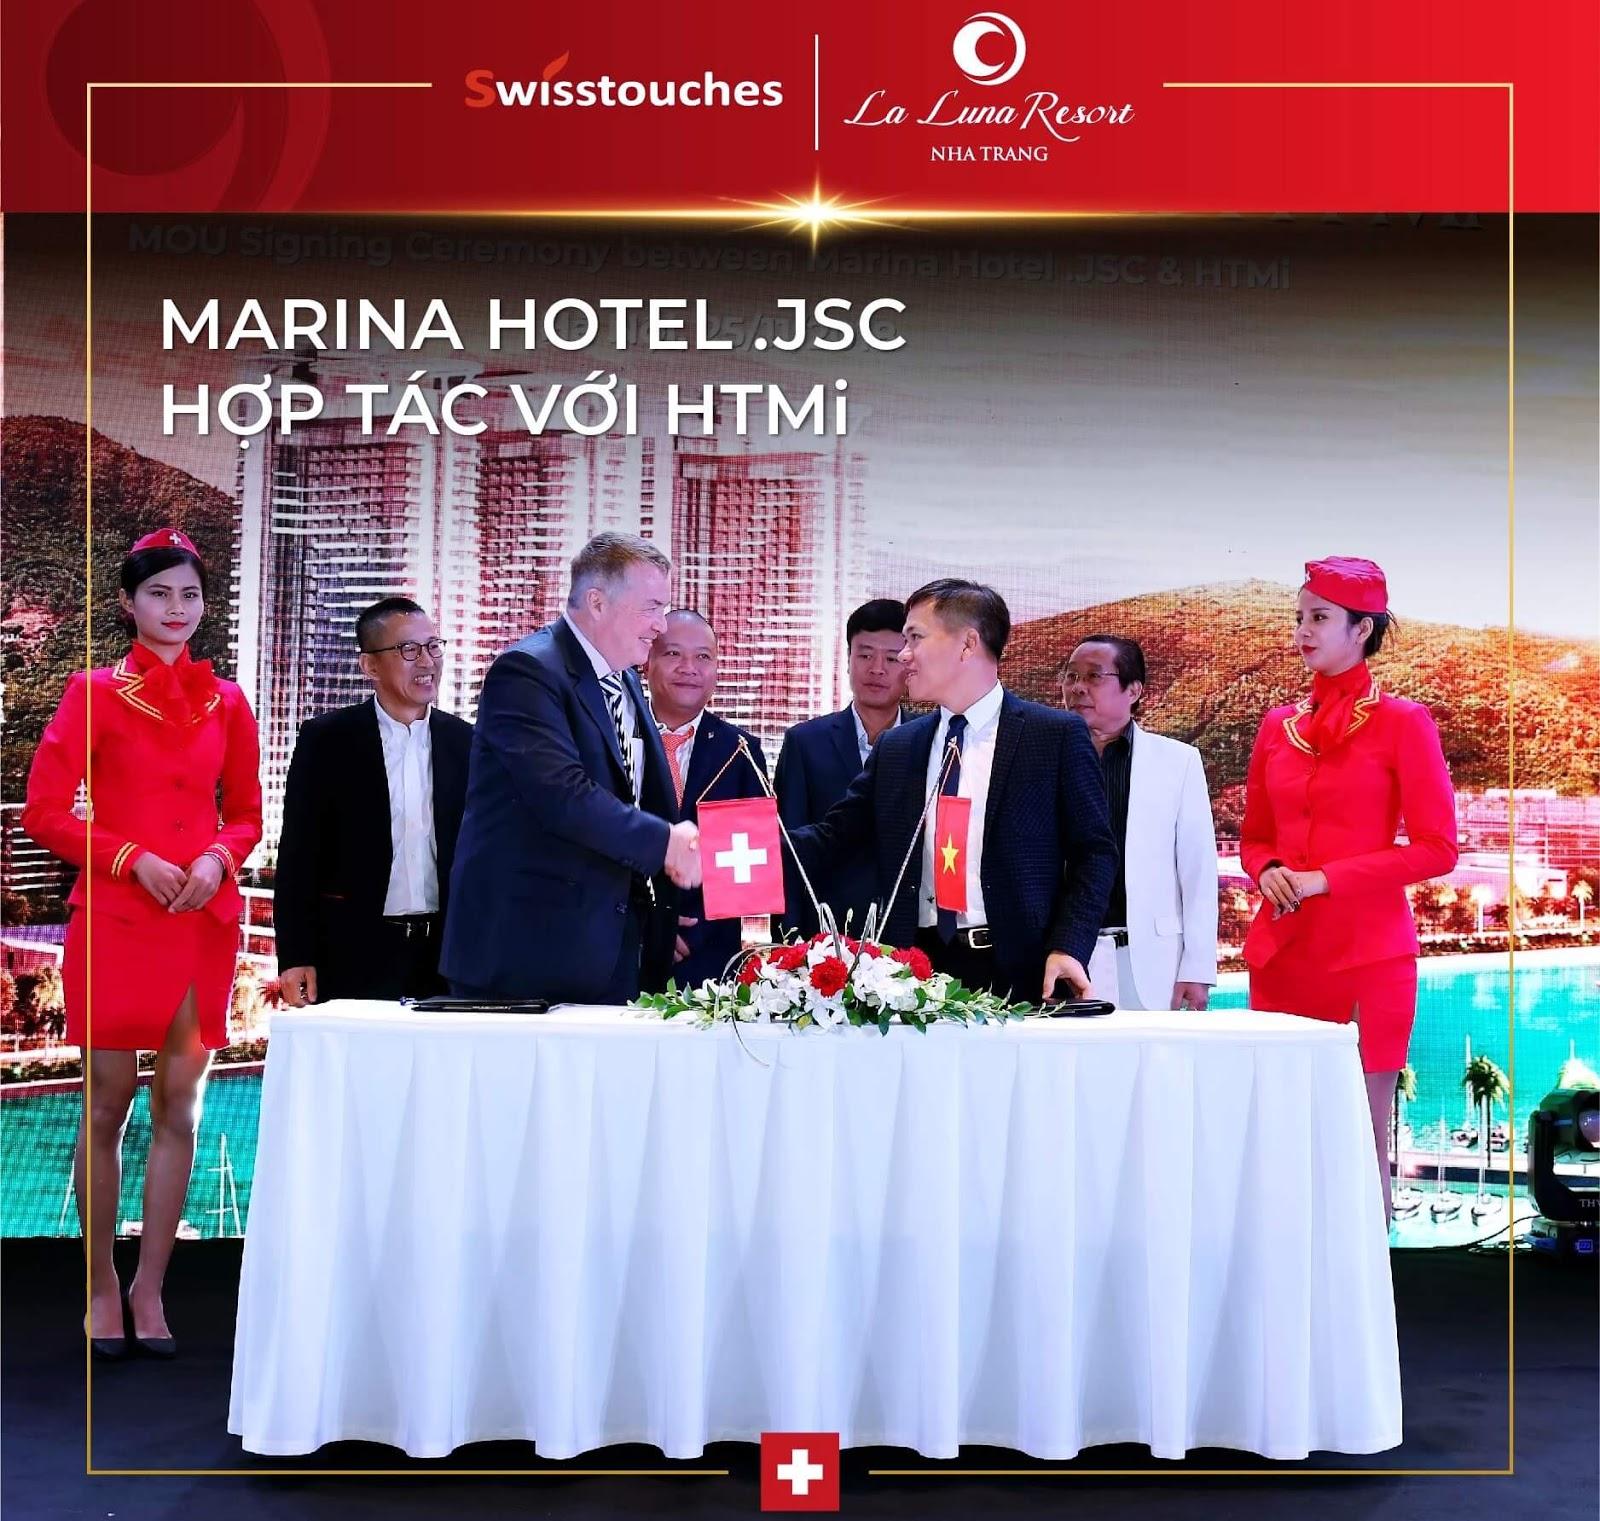 Swisstouches Hotel & Resort đơn vị vận hành toà condotel La Luna